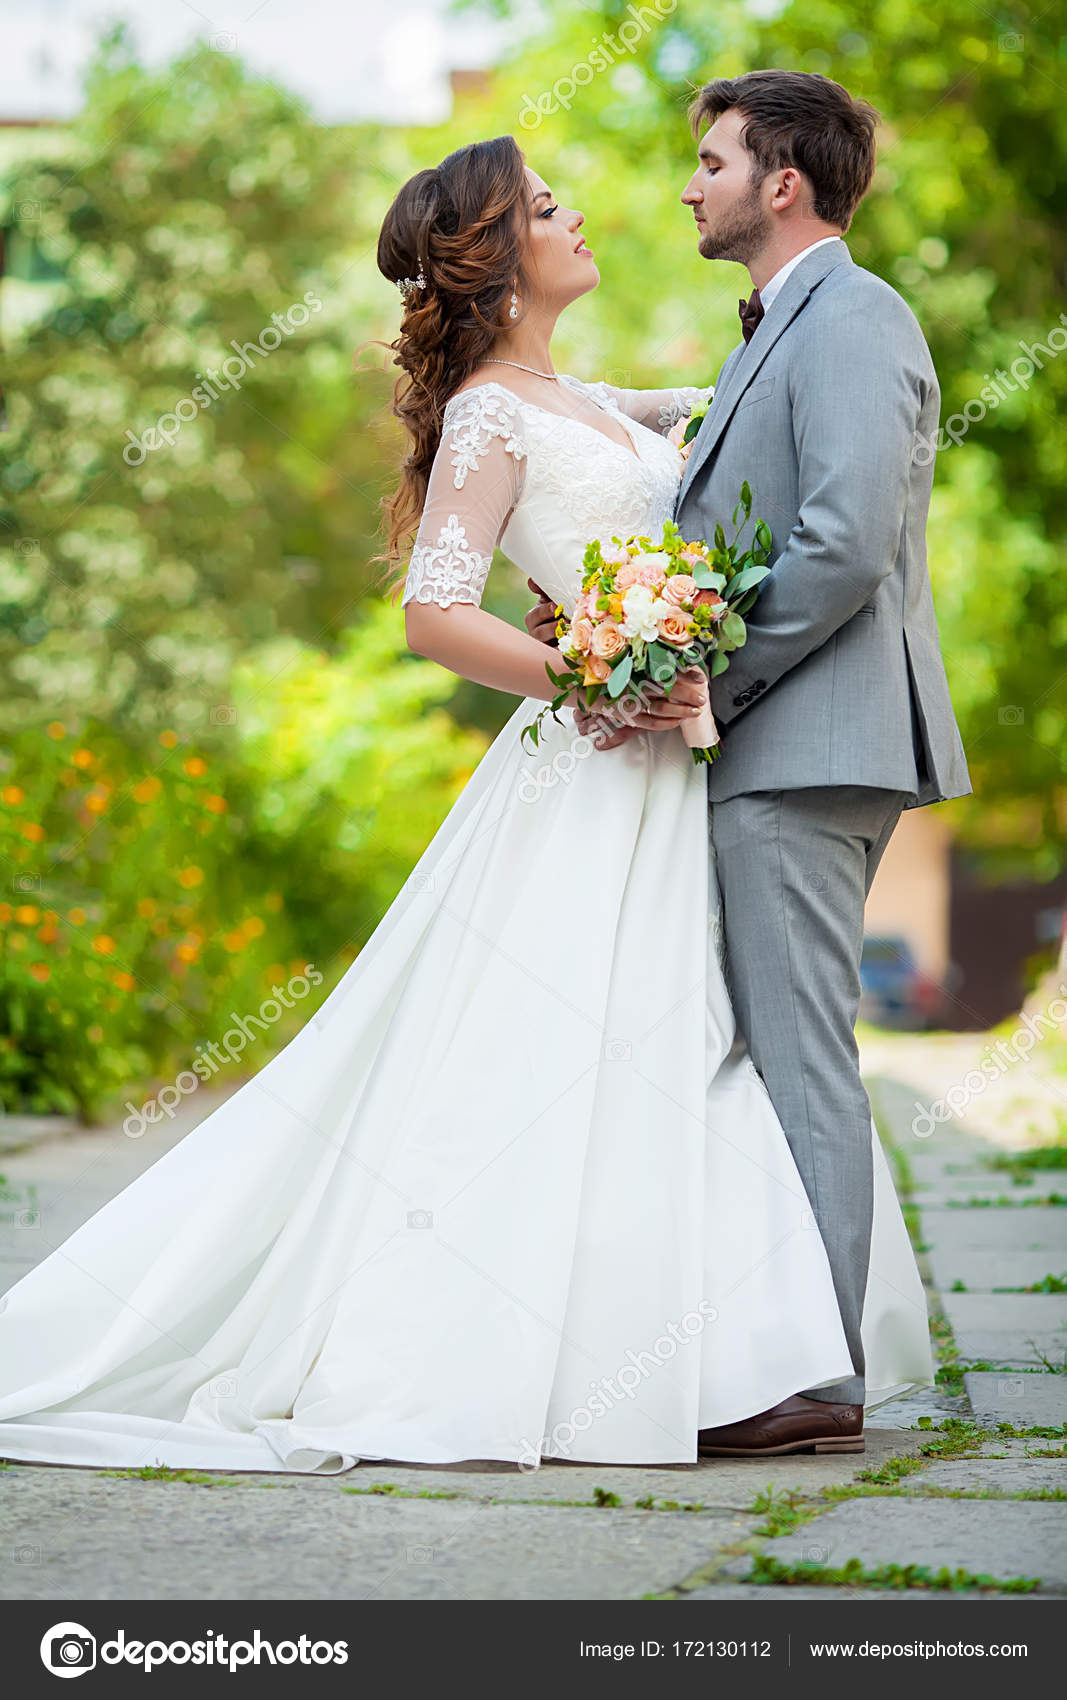 Hochzeitspaar. Schöne Braut und Bräutigam. Gerade geheiratet ...